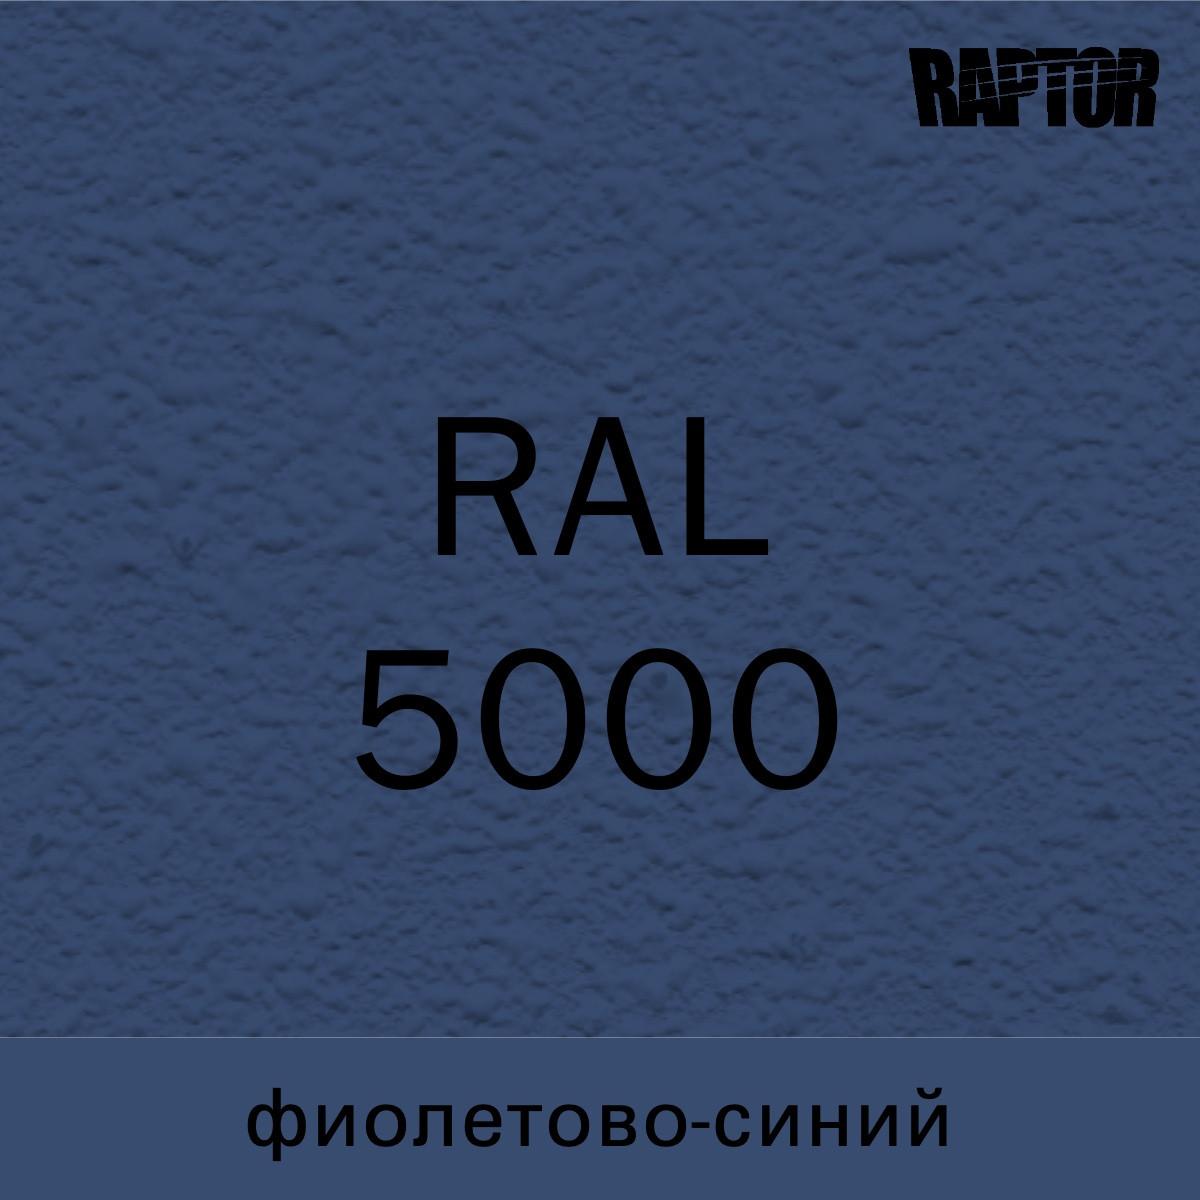 Пигмент для колеровки покрытия RAPTOR™ Фиолетово-синий (RAL 5000)